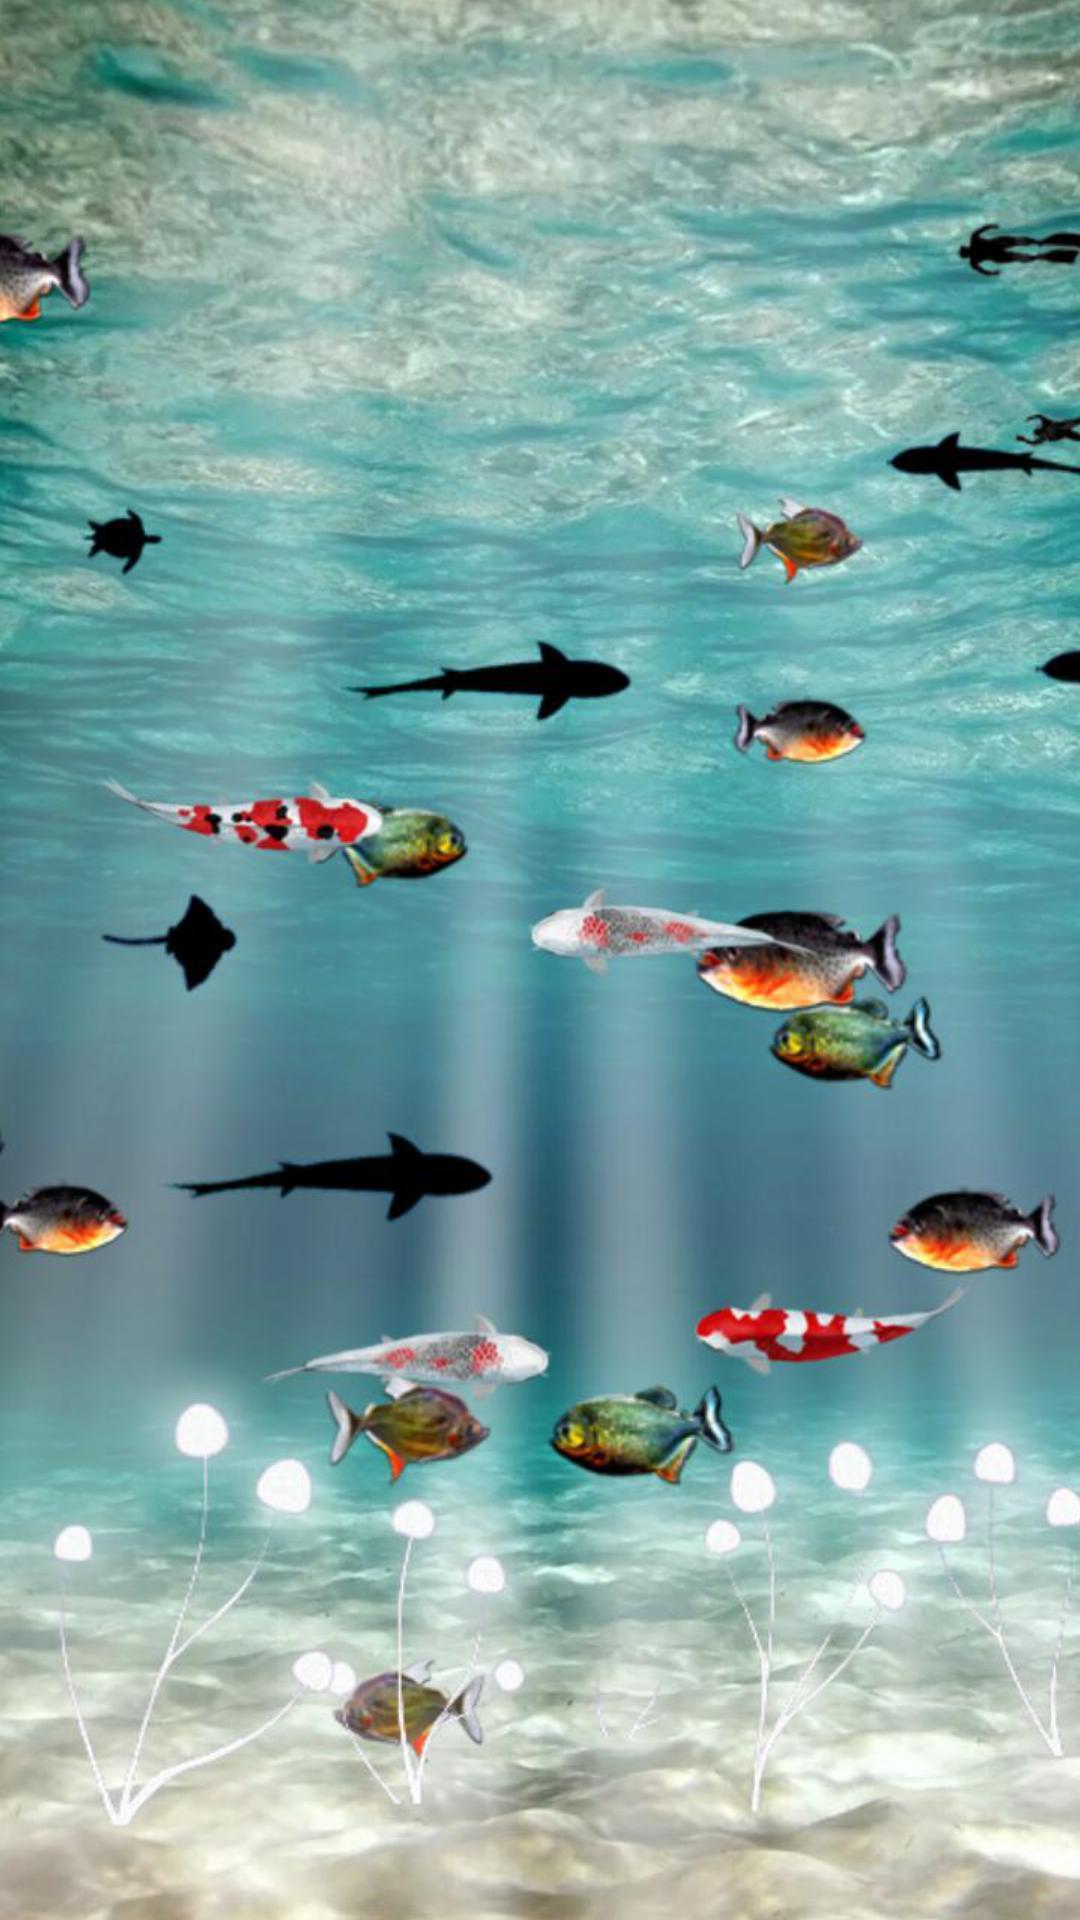 海底世界主题动态壁纸3